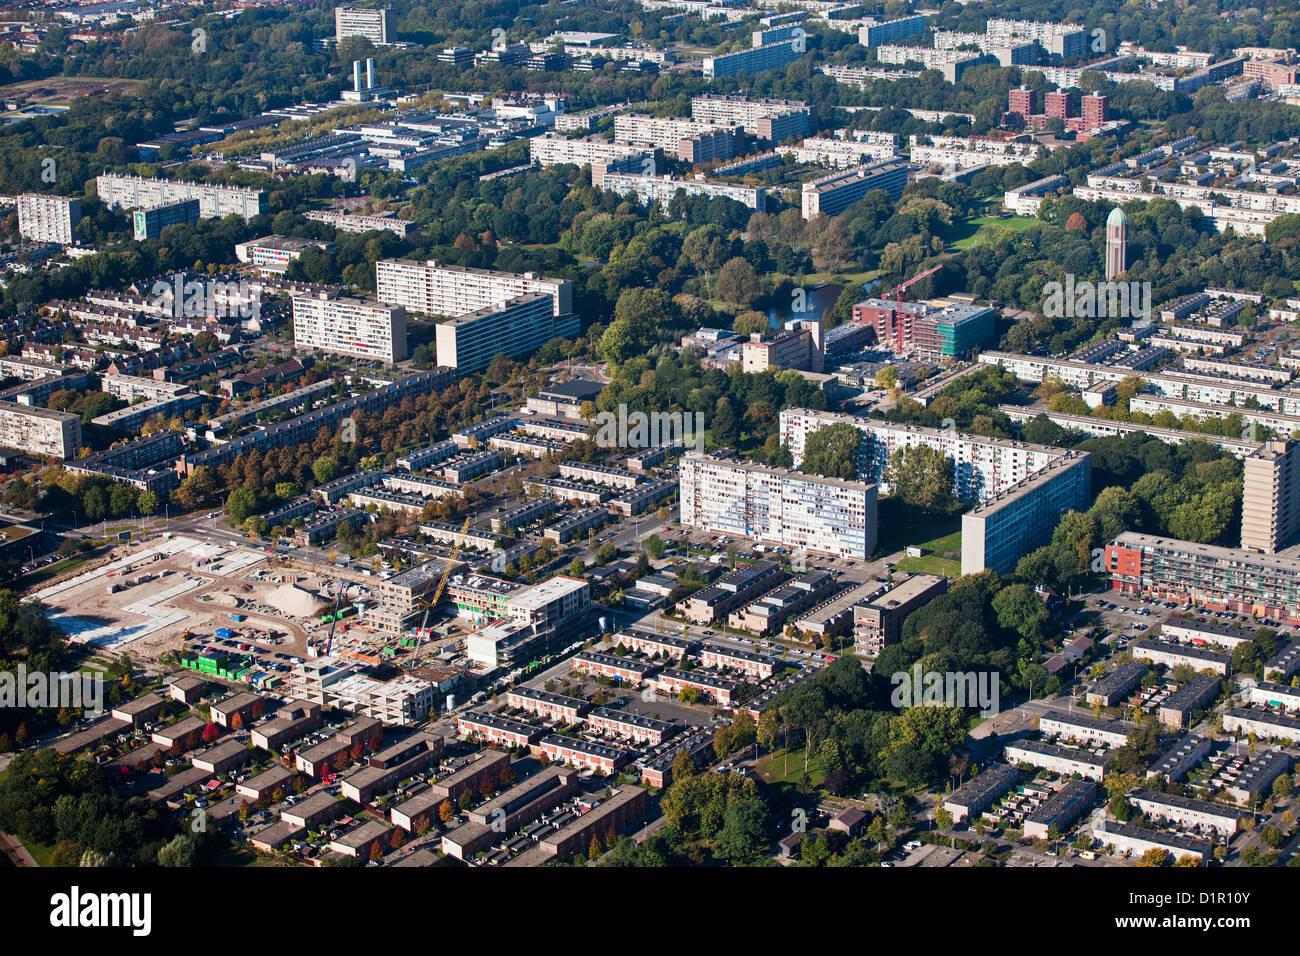 Die Niederlande, Utrecht, Wohnviertel im nördlichen Teil der Stadt. Luft. Stockbild